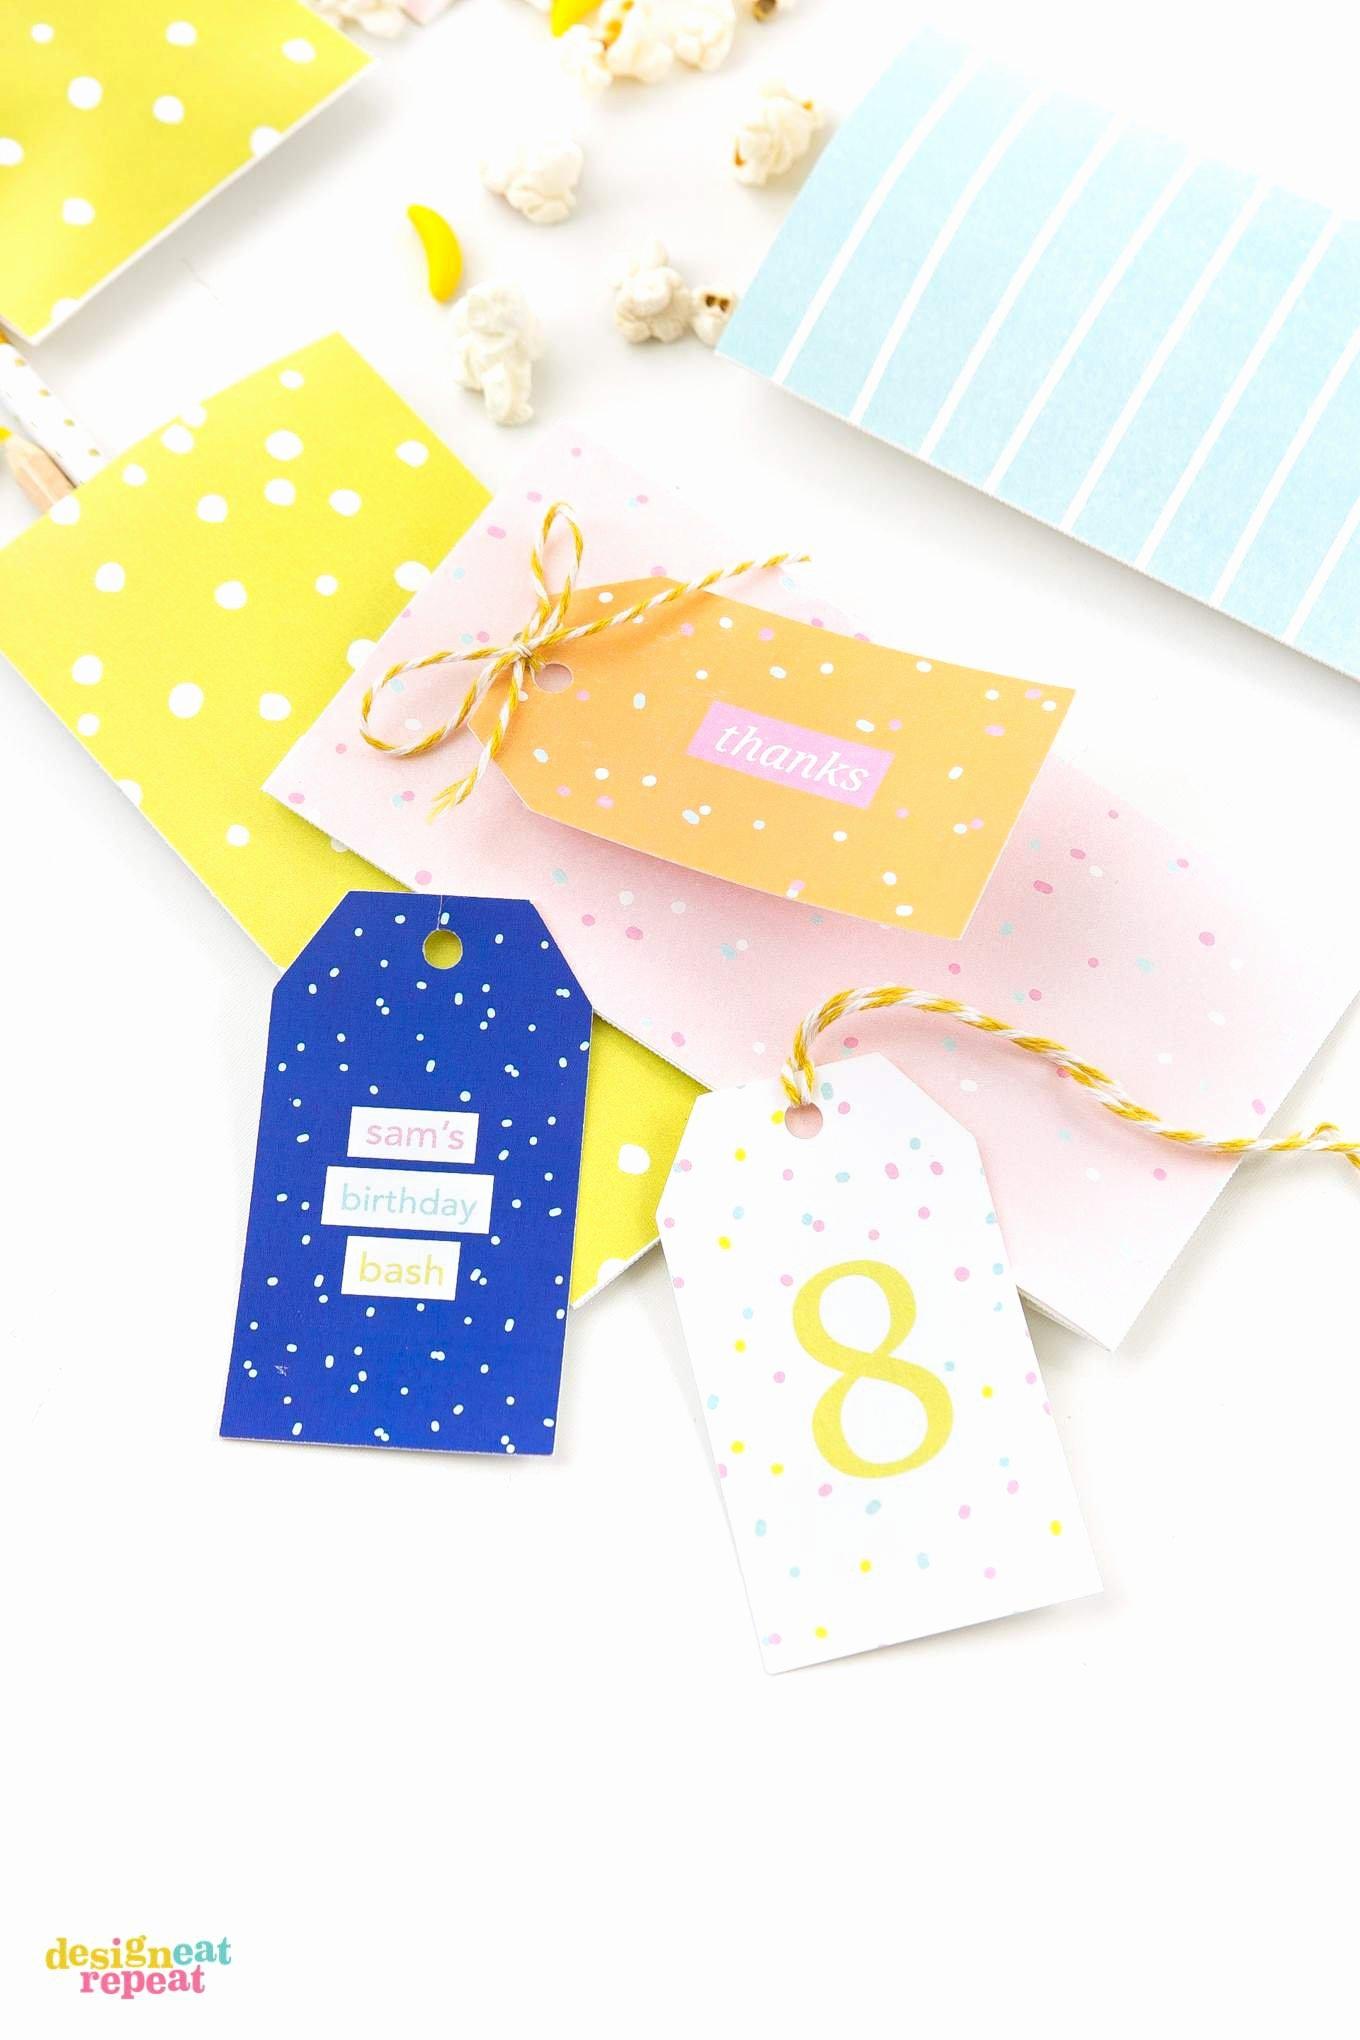 Printable Birthday Gift Tags Fresh Colorful Printable Birthday Gift Tags Design Eat Repeat